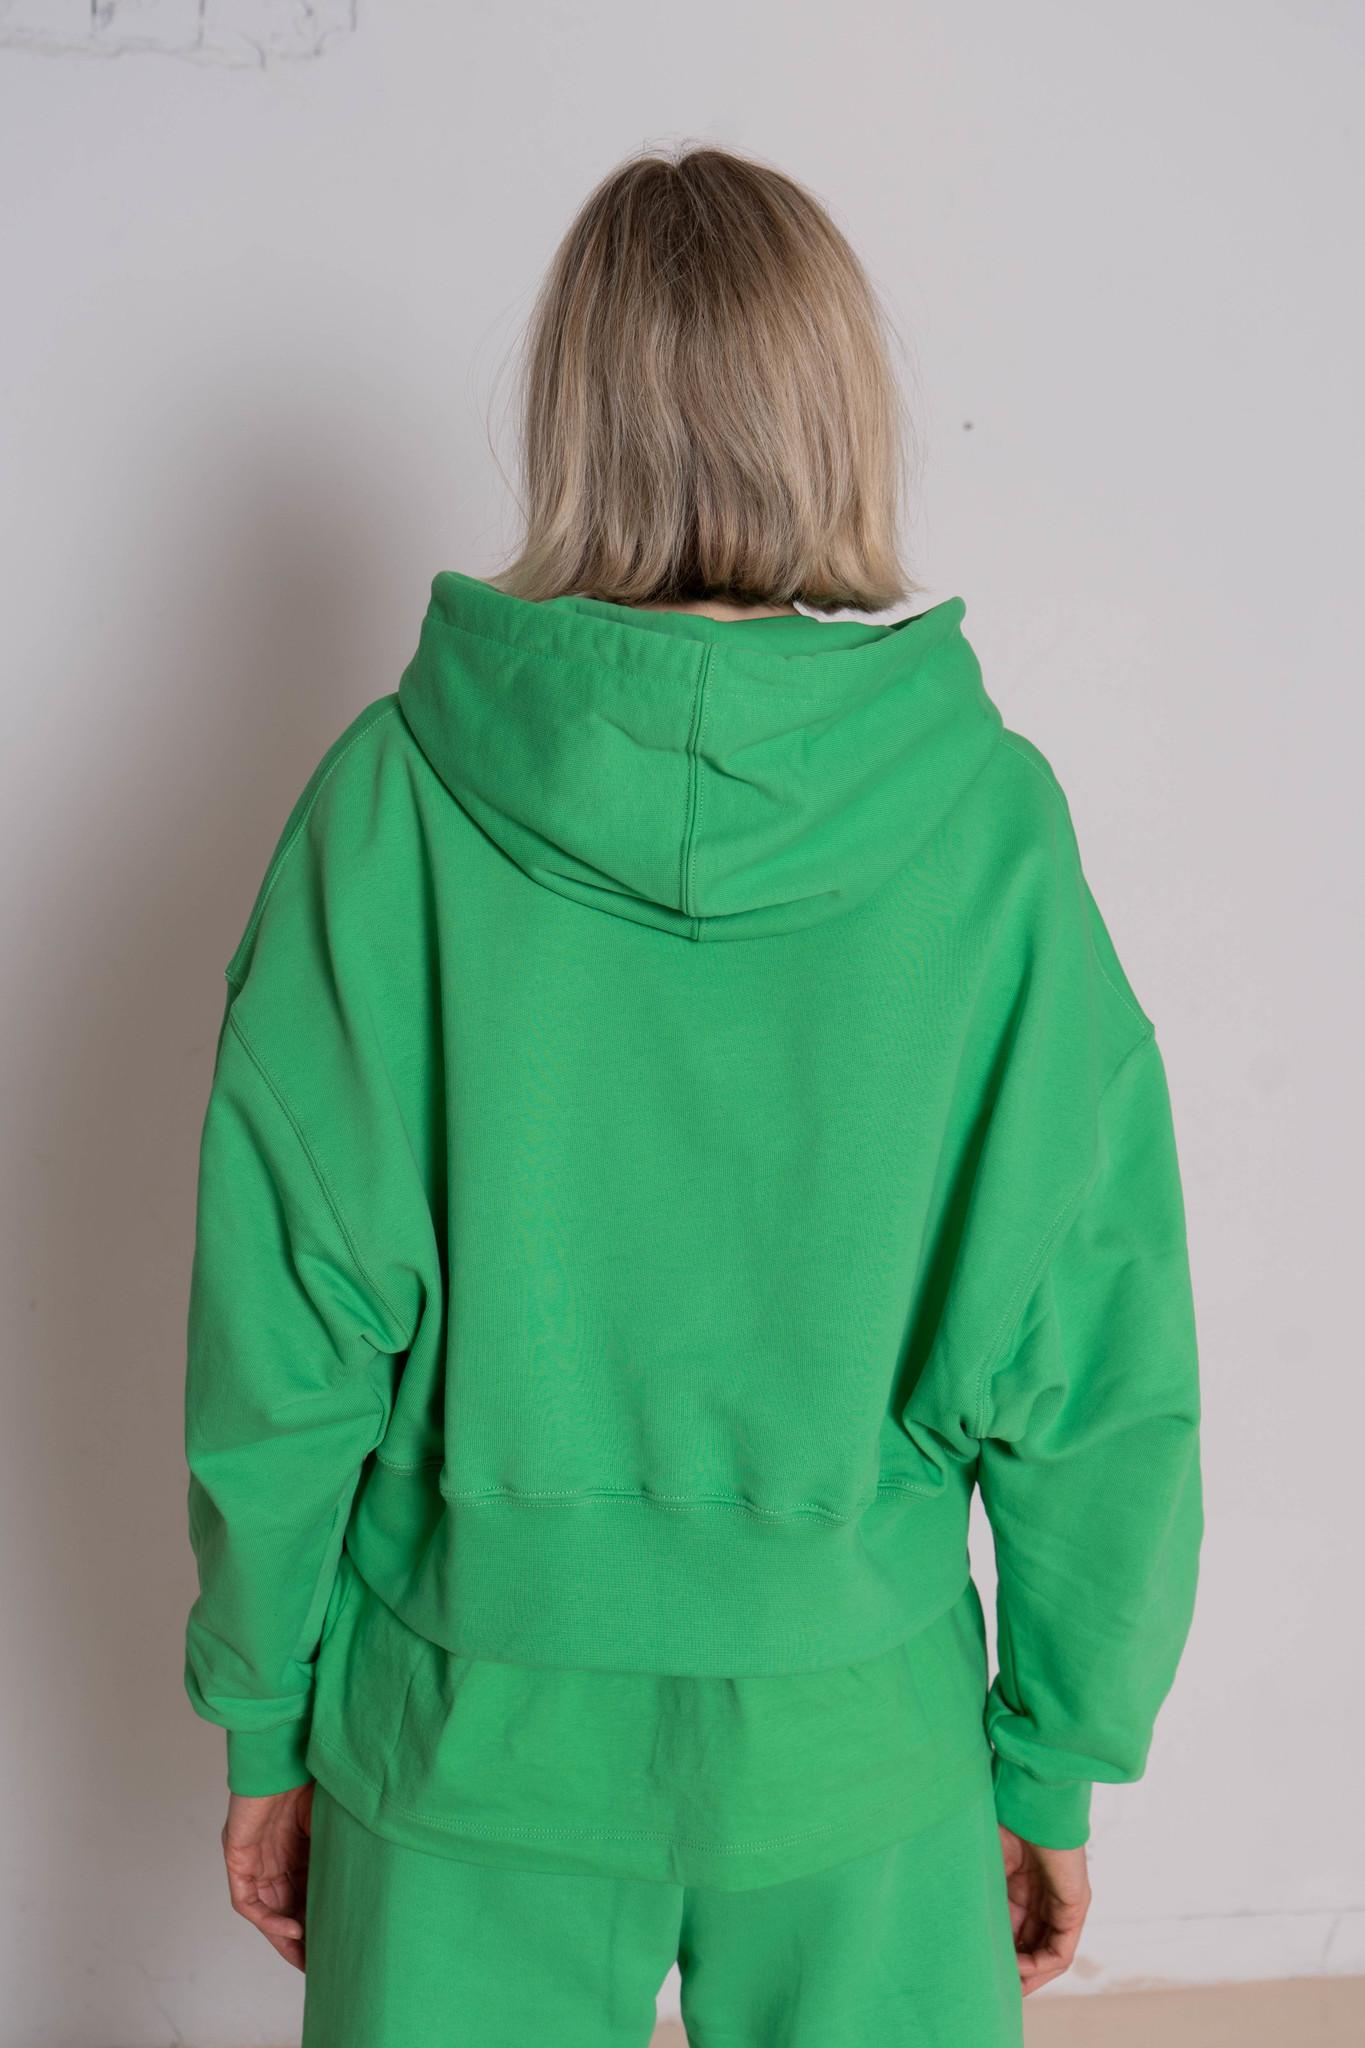 Felpa Sweatshirt Luminious Green